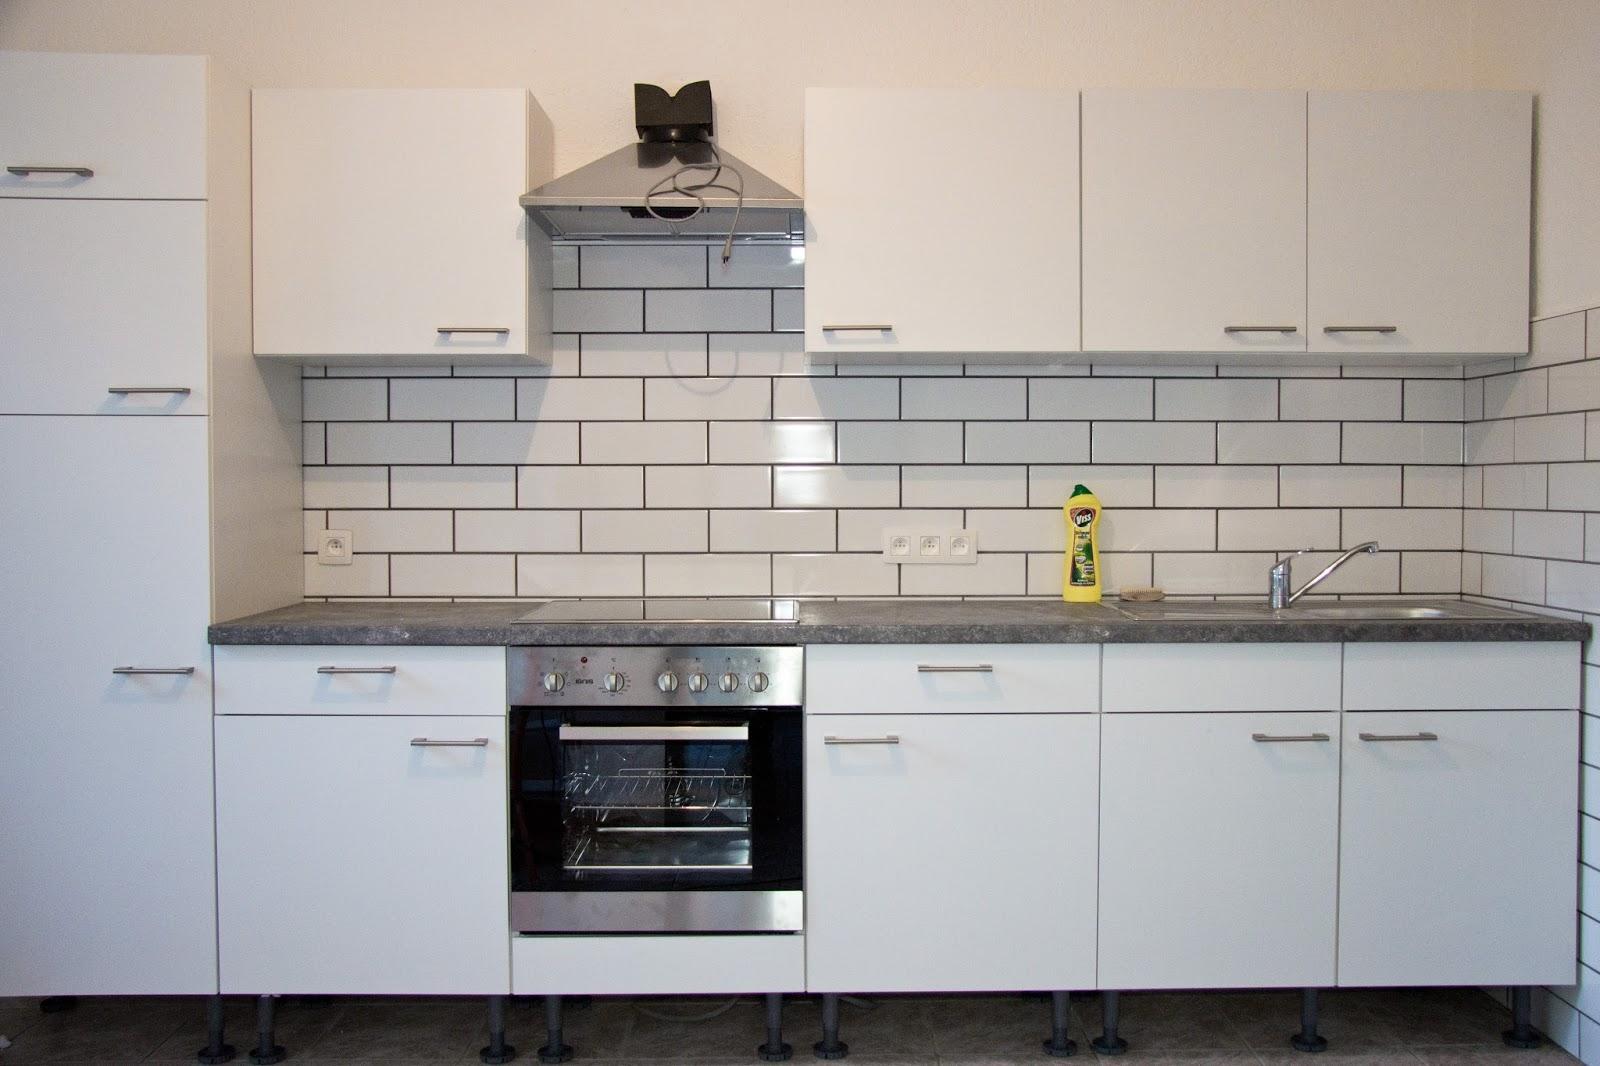 Stunning Wandfliesen Für Küche Pictures - Kosherelsalvador.com ...